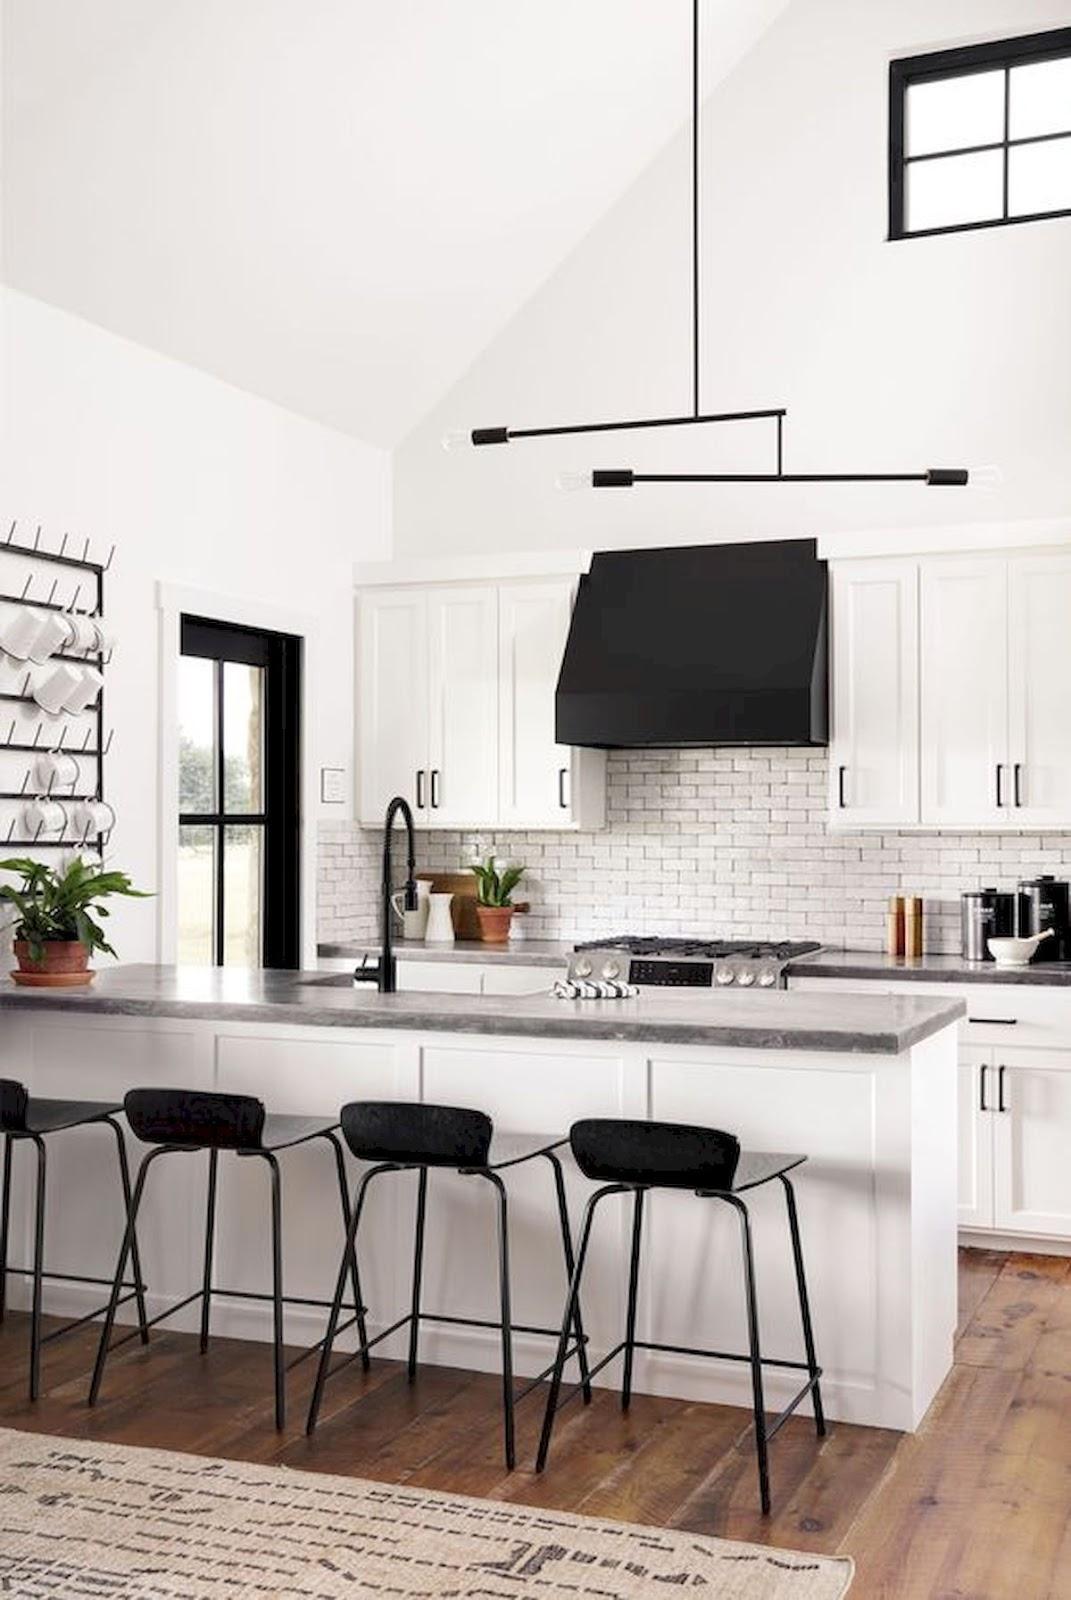 inspiring home interior design idea